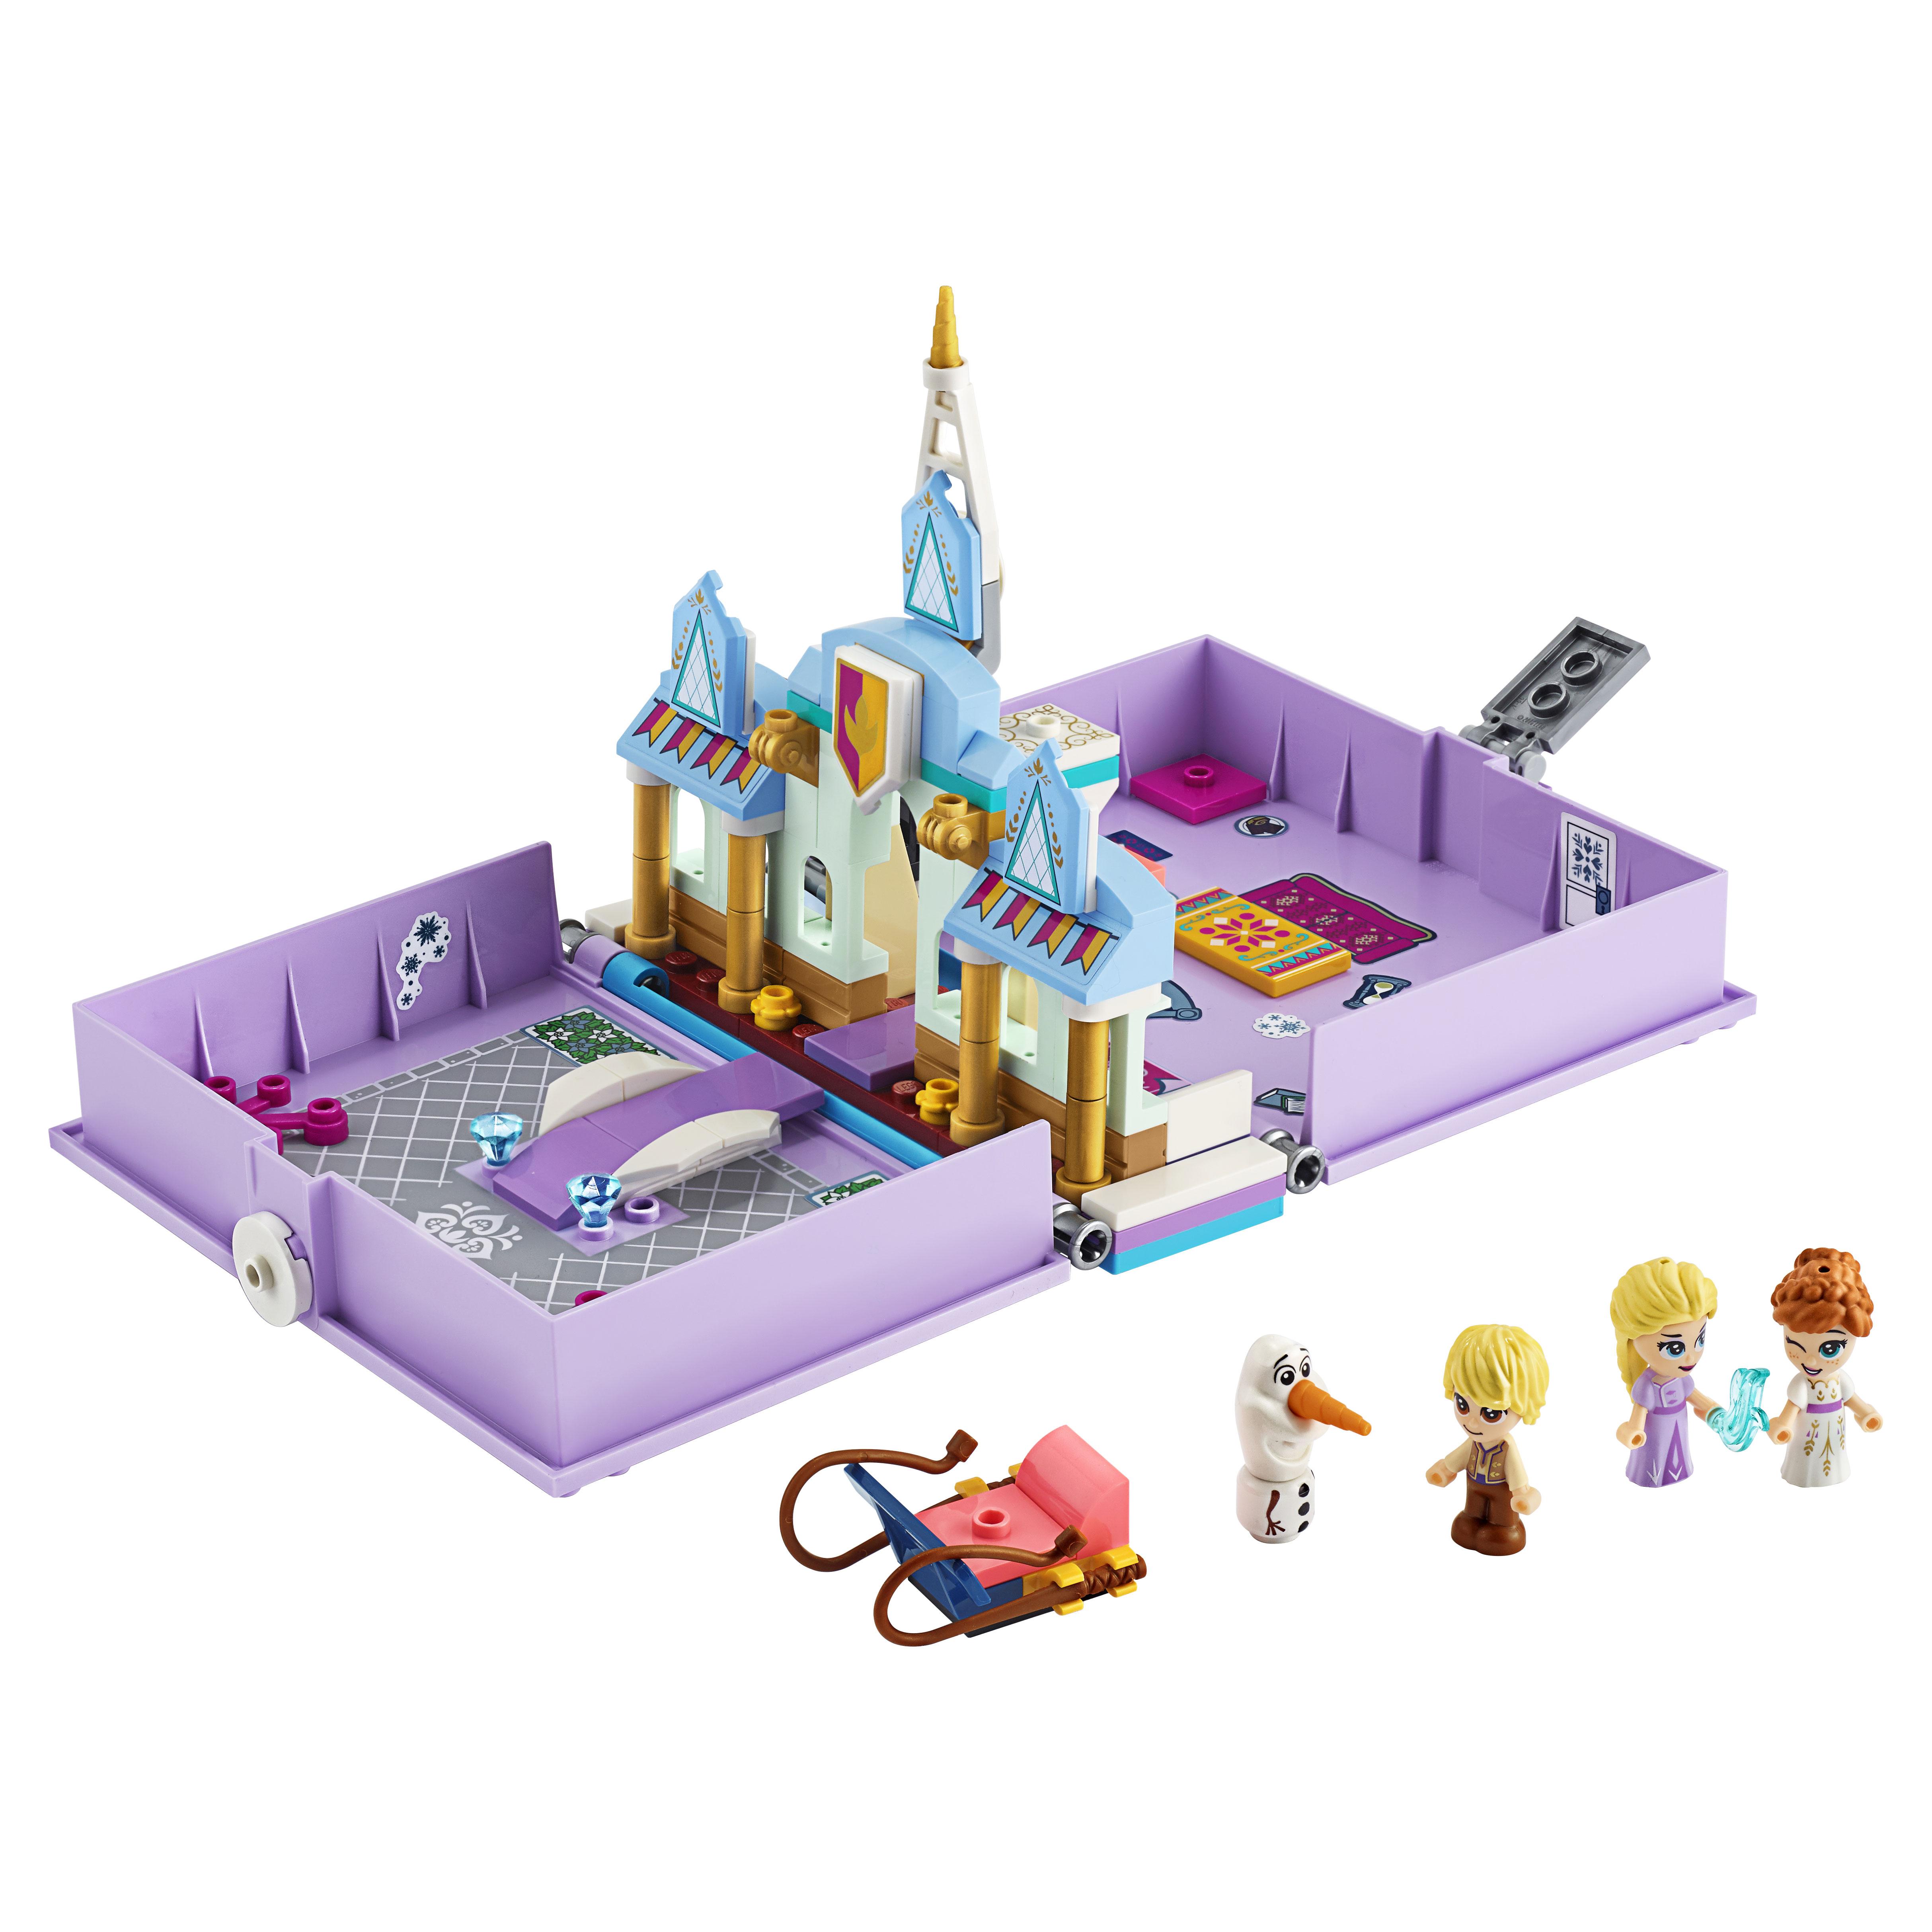 Конструктор LEGO Disney Frozen 43175 Книга сказочных приключений Анны и Эльзы фото